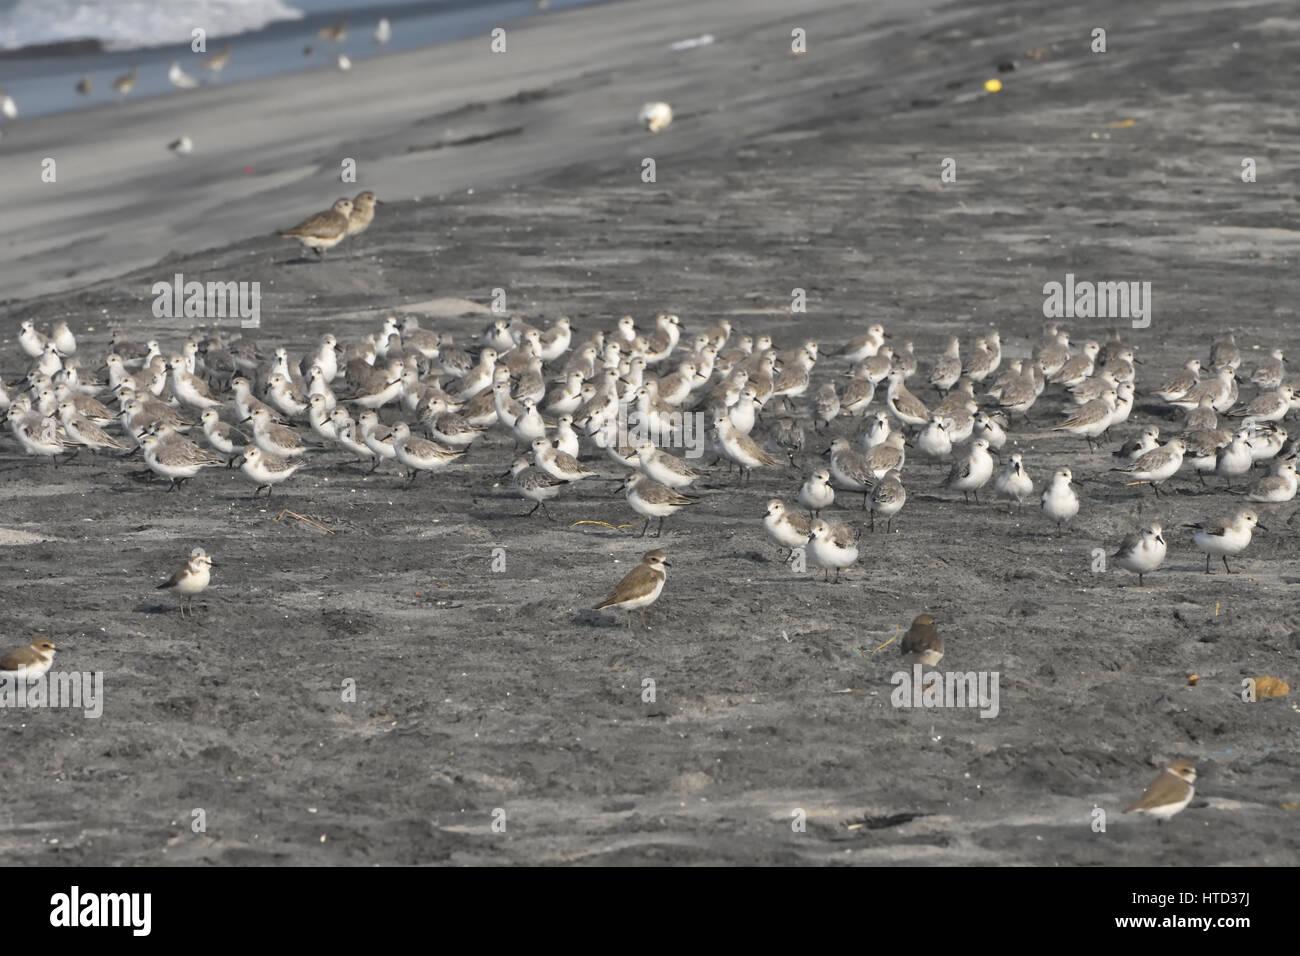 Sanderling (Calidris alba) - Stock Image